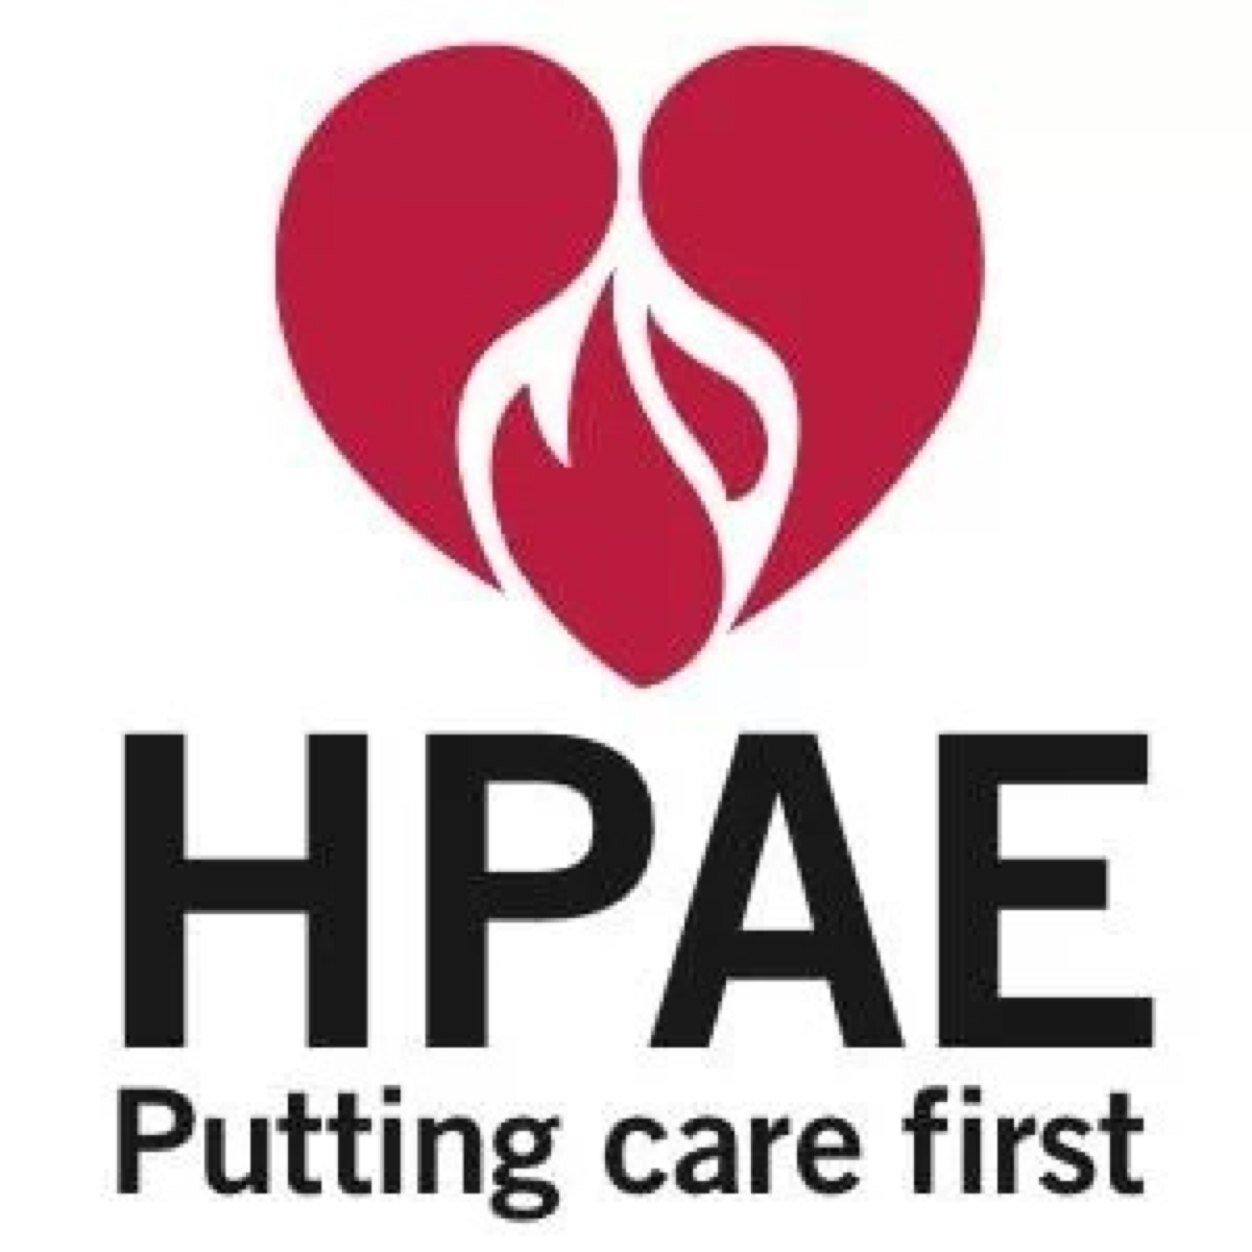 HPAE_Logo.jpeg